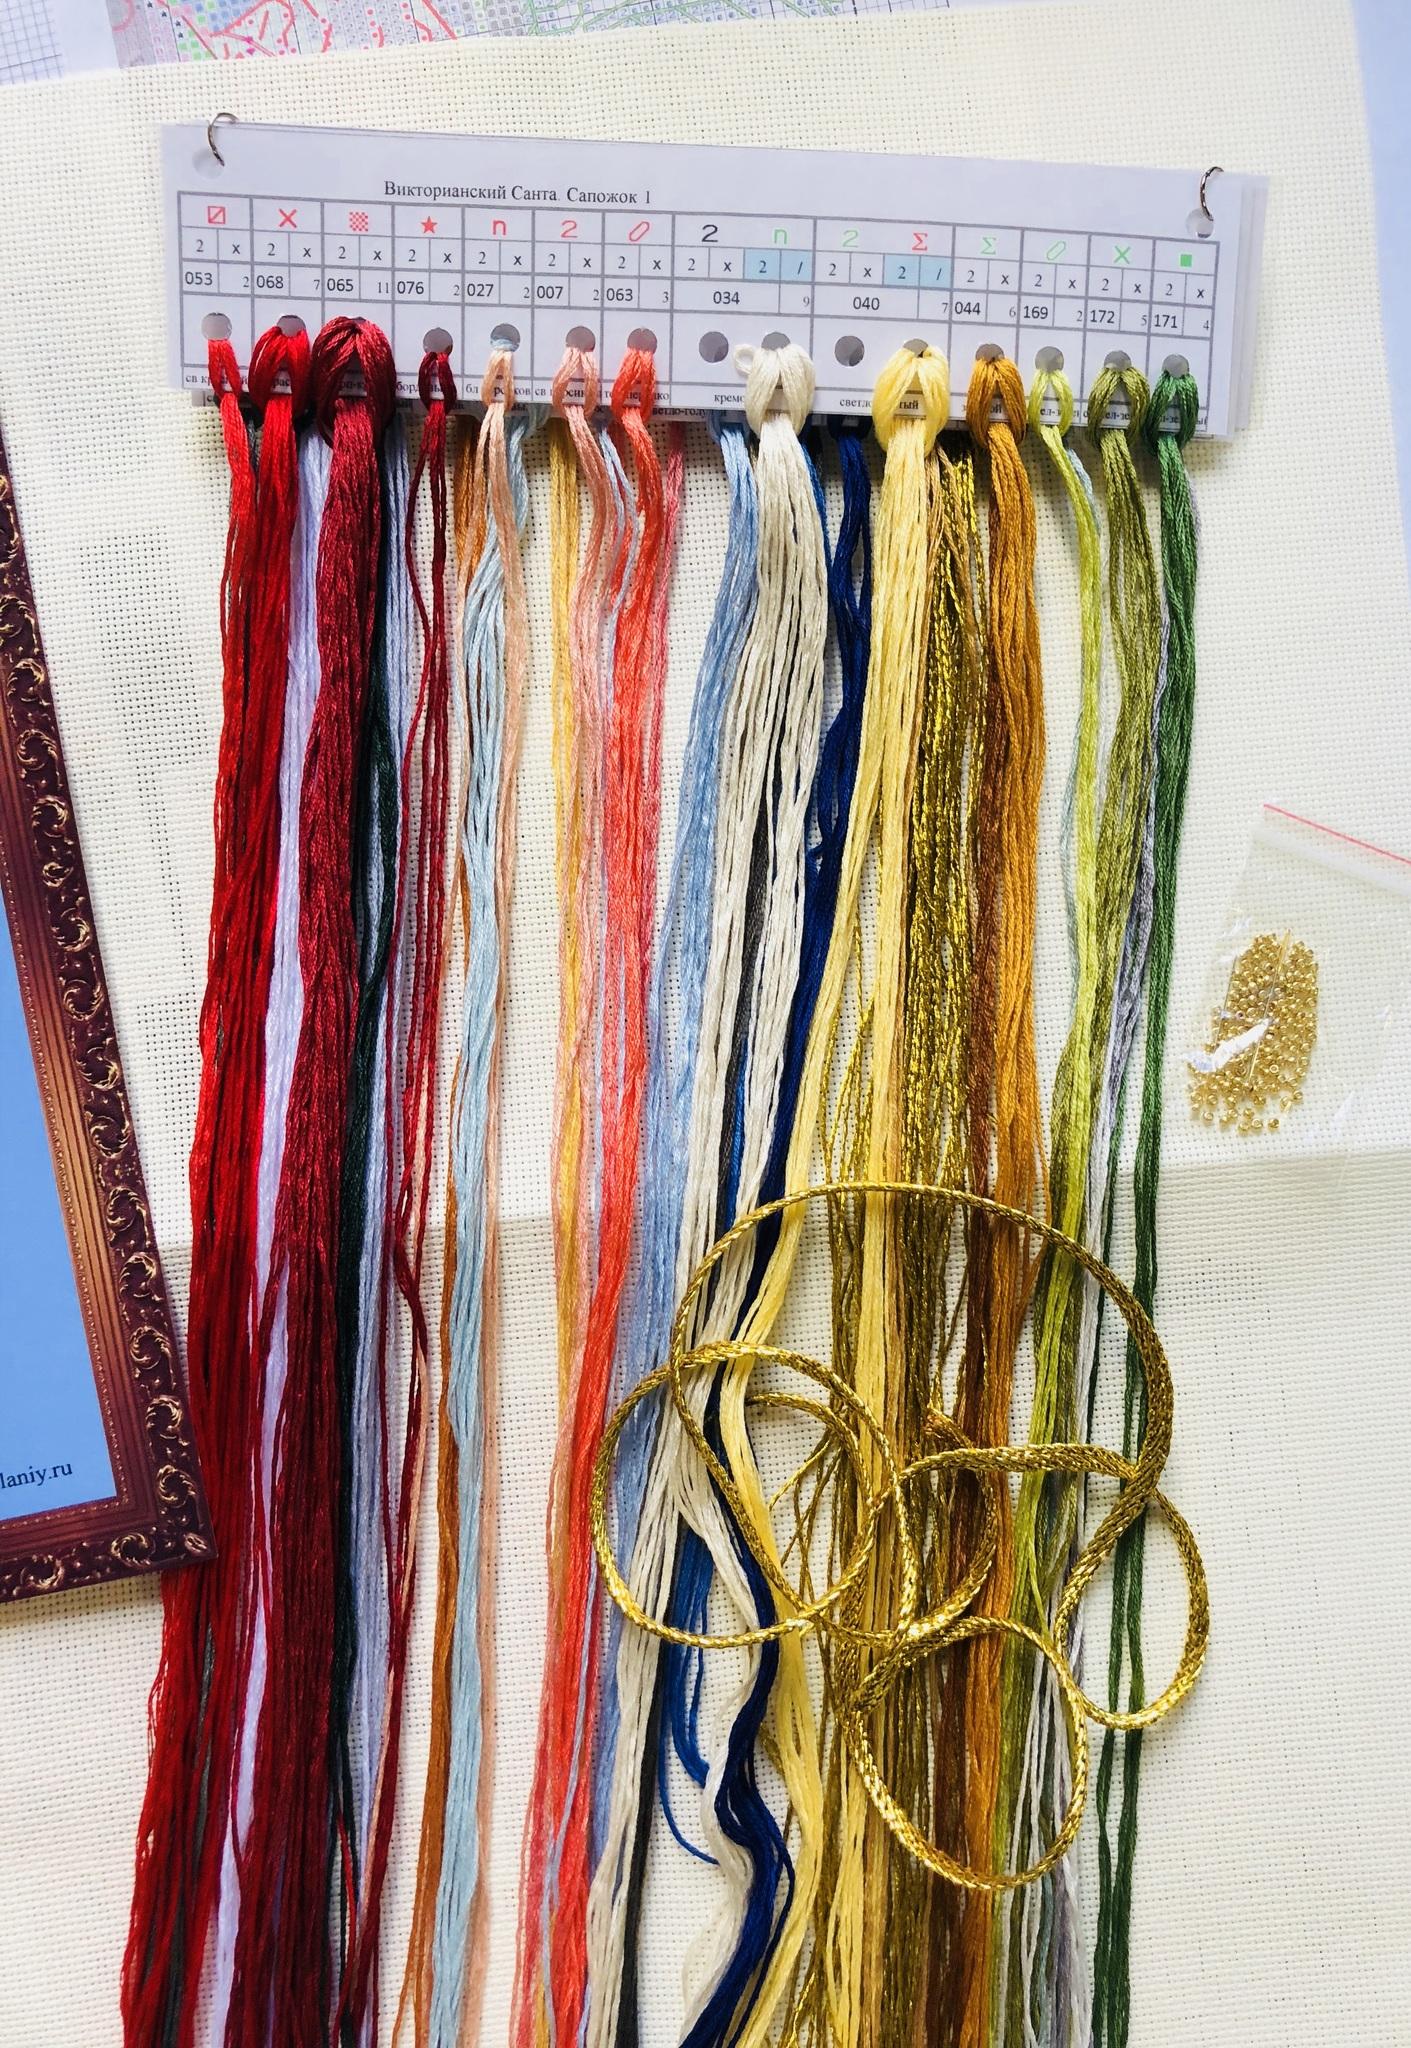 Набор для вышивания. Сапожок. Викторианский Санта Victorian Santa Stocking. Арт. 8479